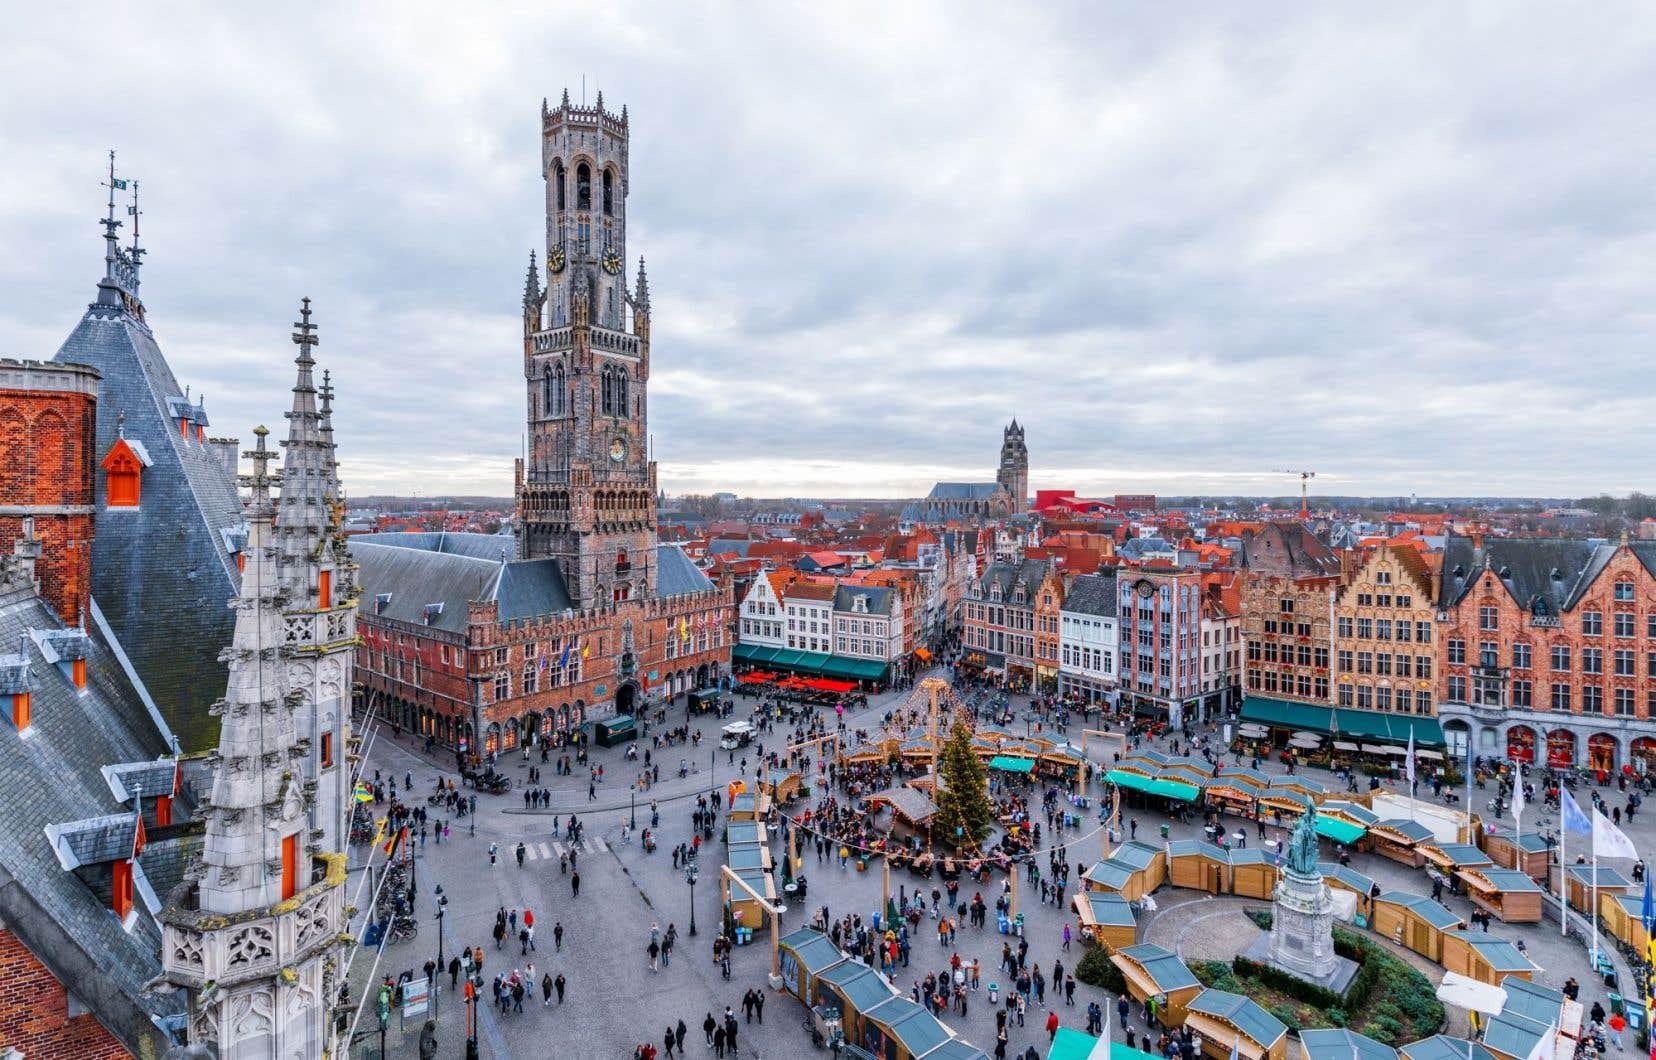 La ville de Bruges, en Belgique, qui accueille des millions de visiteurs par année